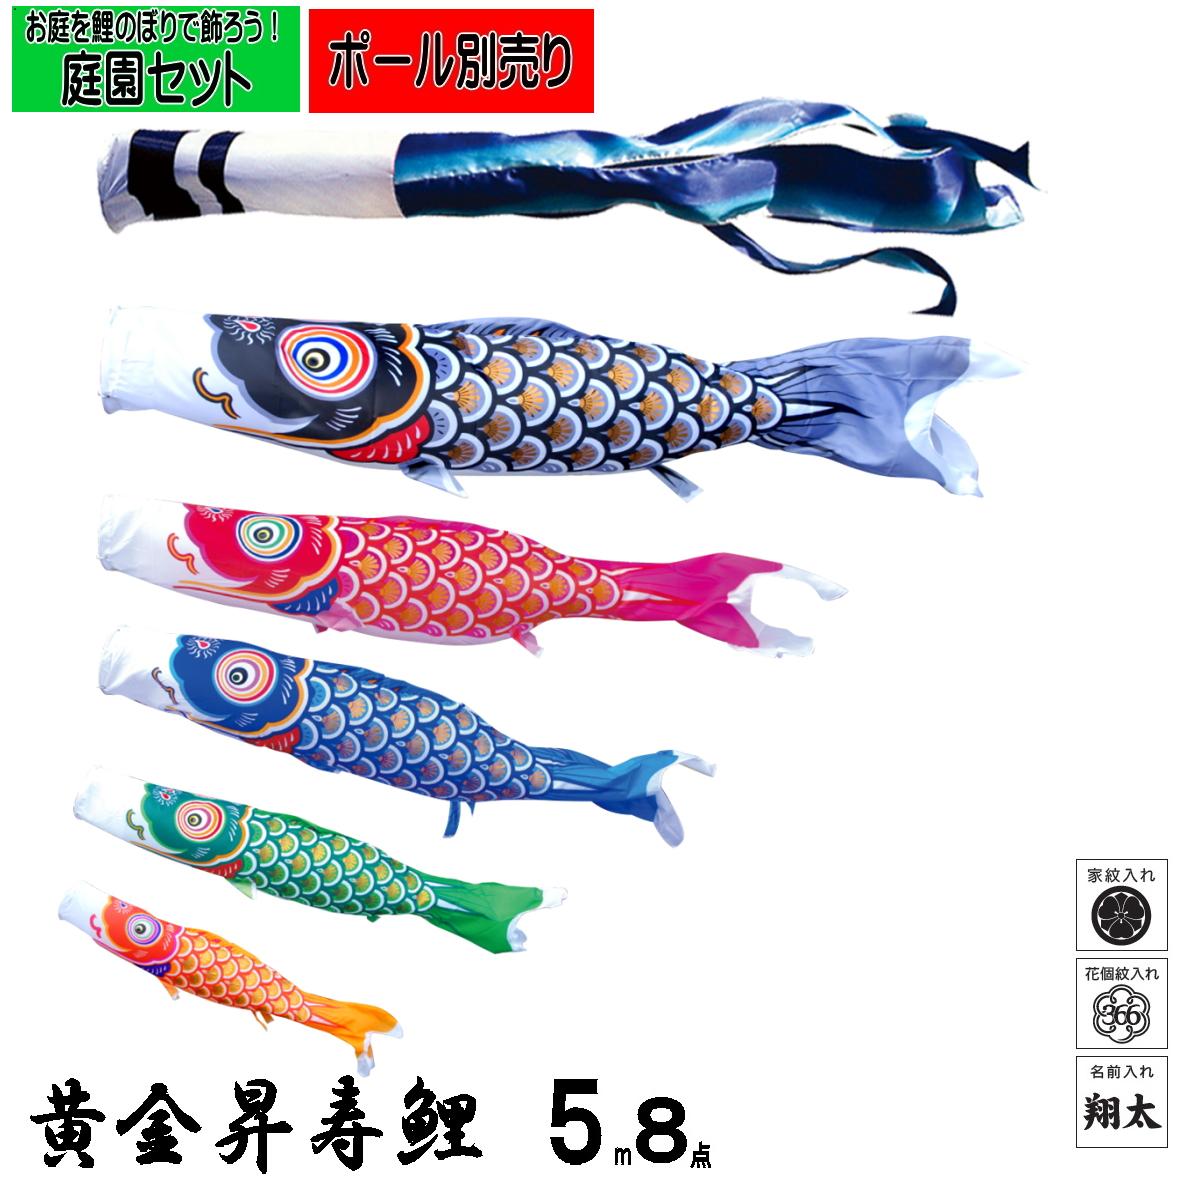 【子守唄CDプレゼント】庭園用 こいのぼり黄金昇寿鯉 5m8点セット鯉のぼり 鯉幟